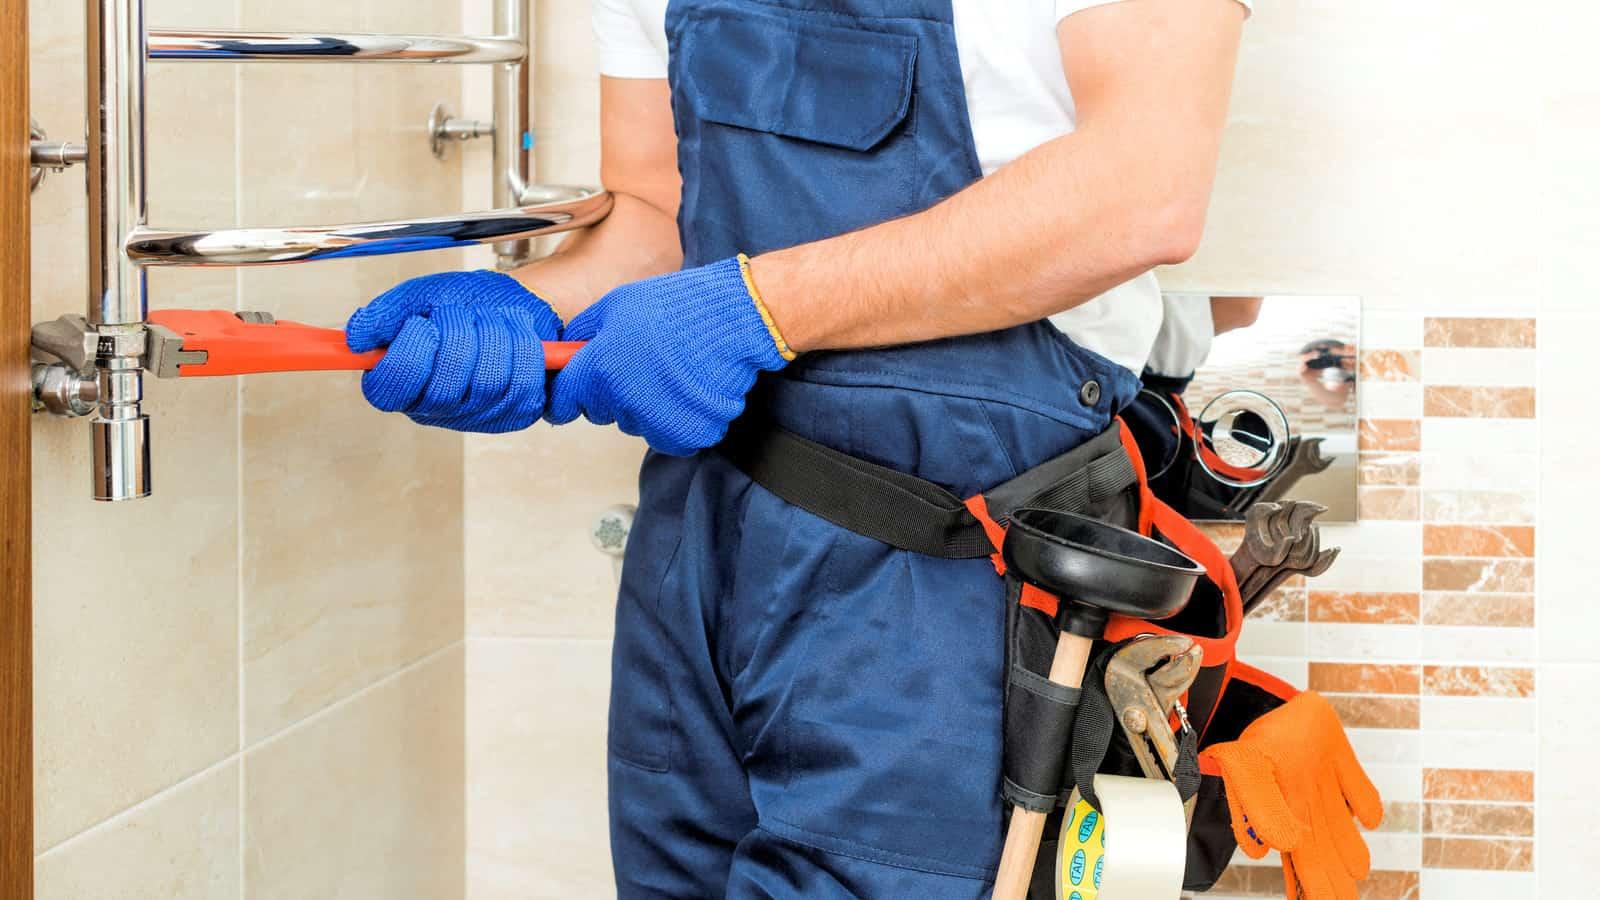 Plumbing & Drain Professionals of Columbus